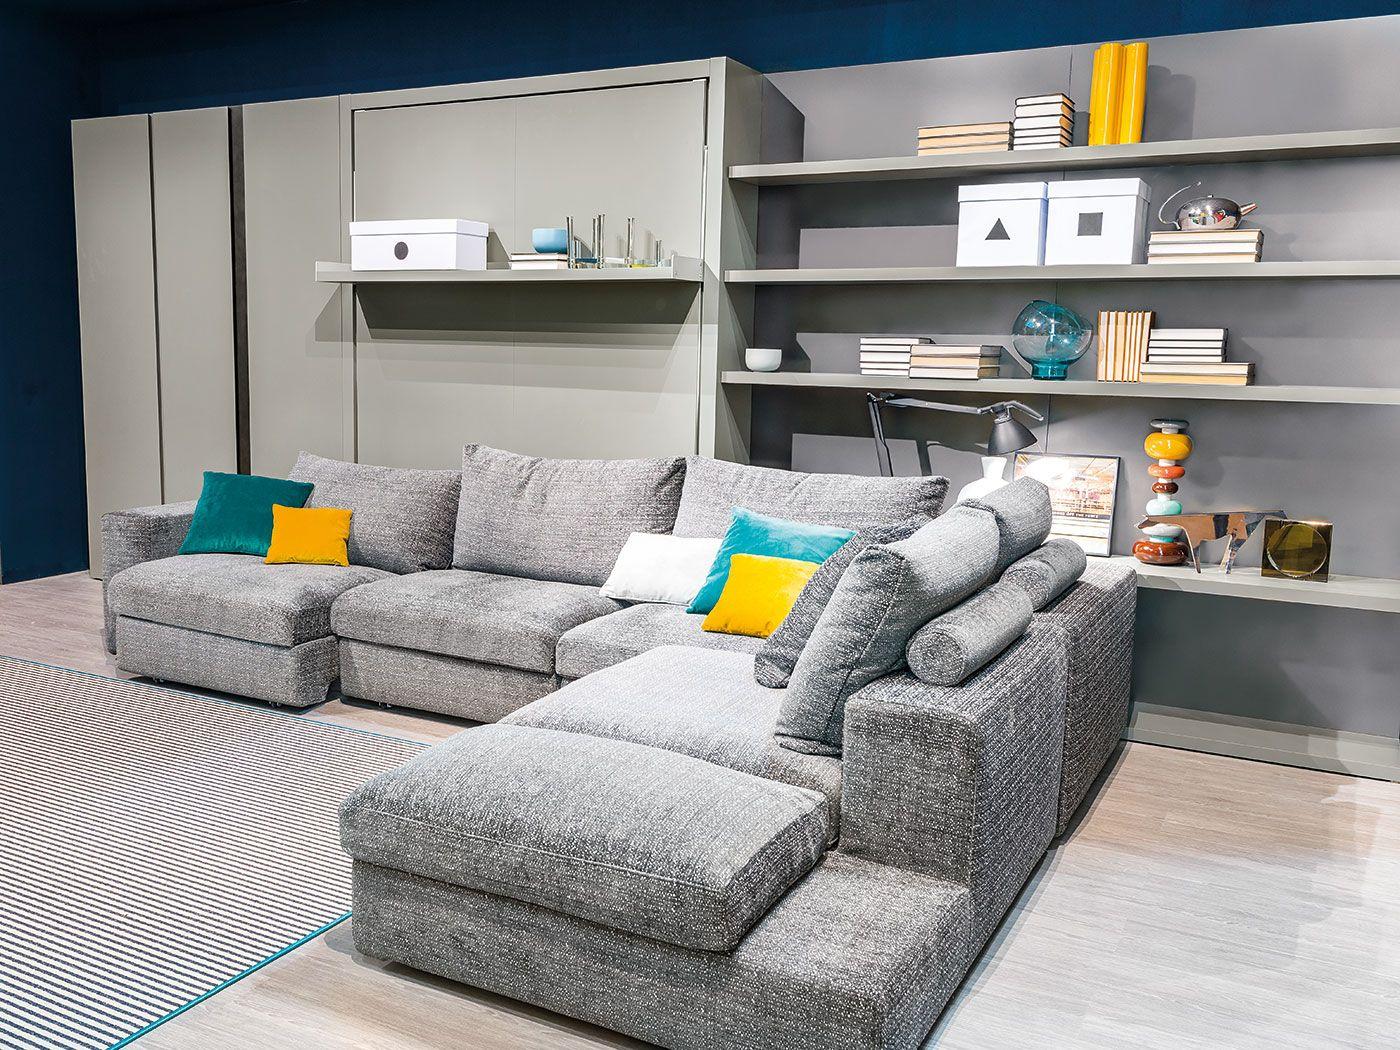 Tango,il sistema trasformabile composto da divano componibile ...